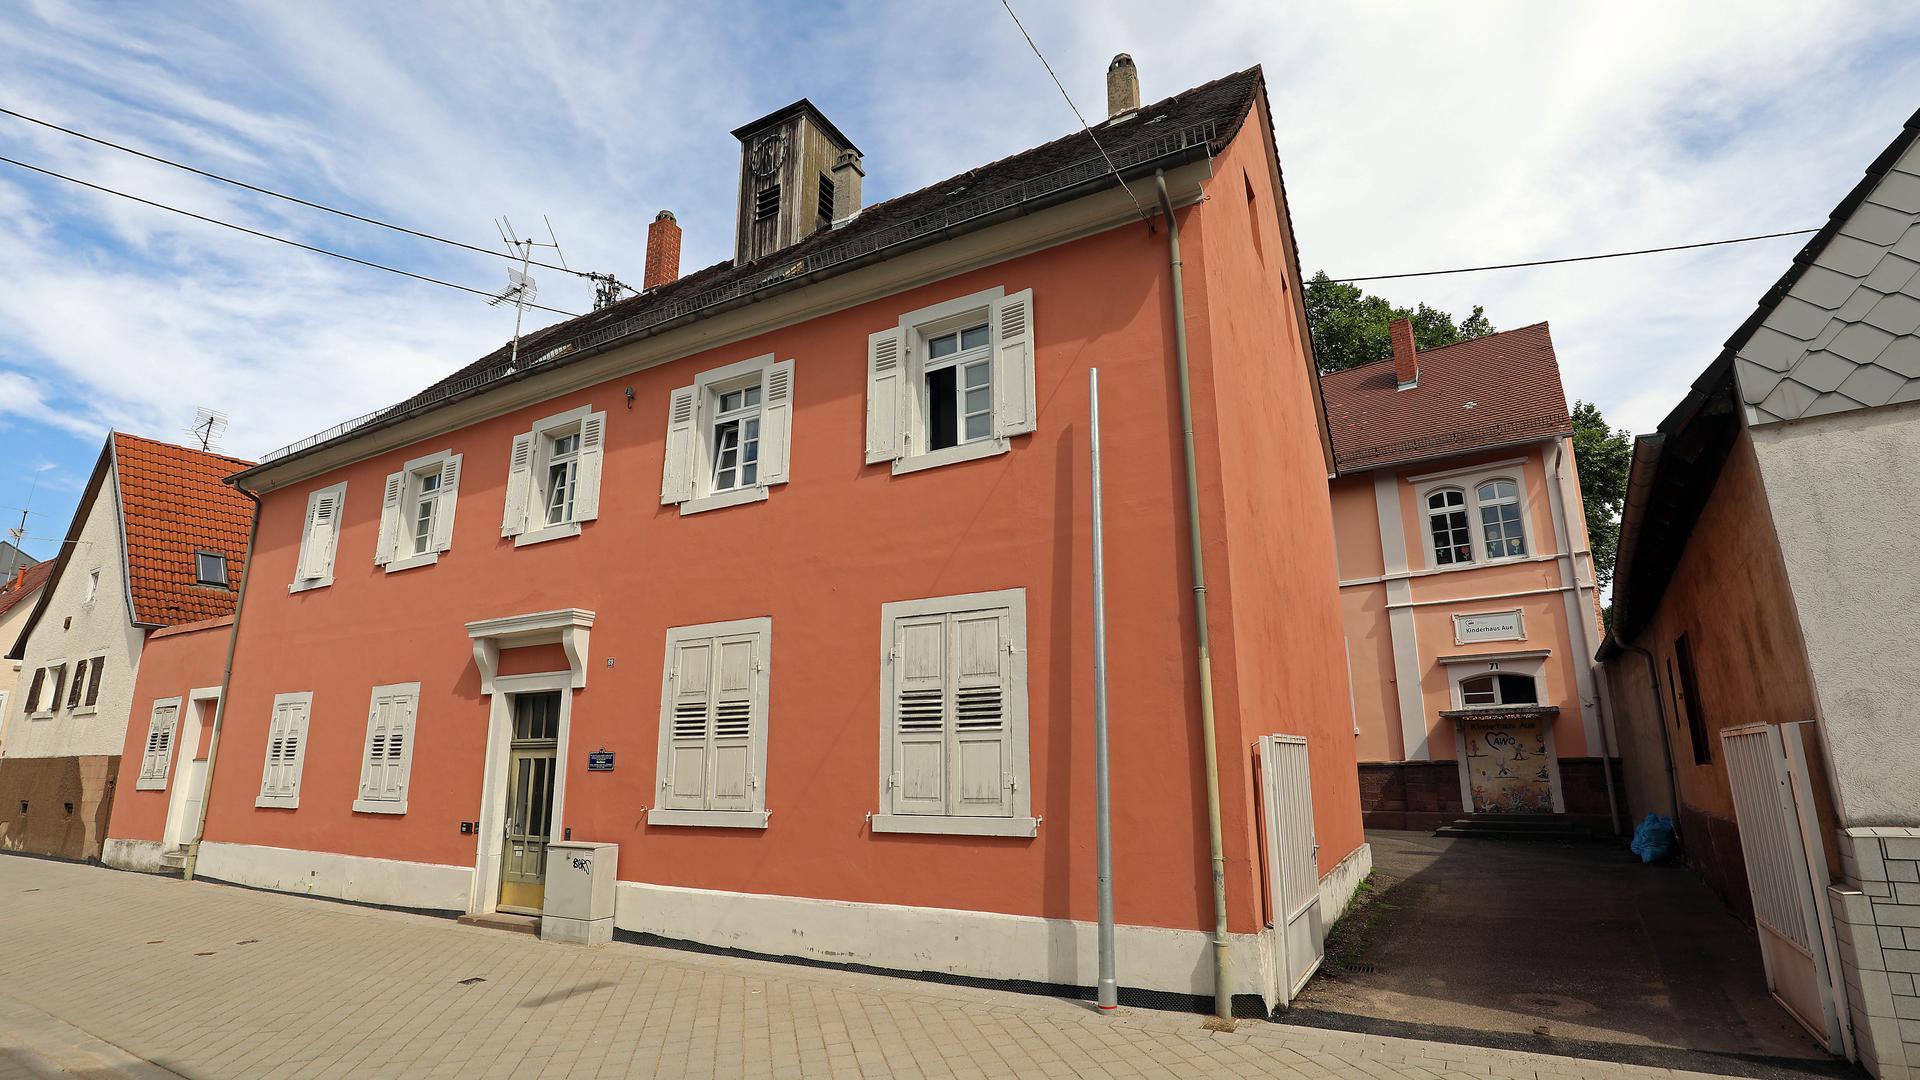 Das Alte Rathaus in Durlach-Aue an der langen, mitten durch den Ort führenden Westmarkstraße und die Alte Schule dahinter erinnern an die 62 Jahre (1859 bis 1921), in denen Aue eine selbstständige Gemeinde war. Im August 2021 ist der Straßenabschnitt davor frisch saniert und verkehrsberuhigend umgestaltet.